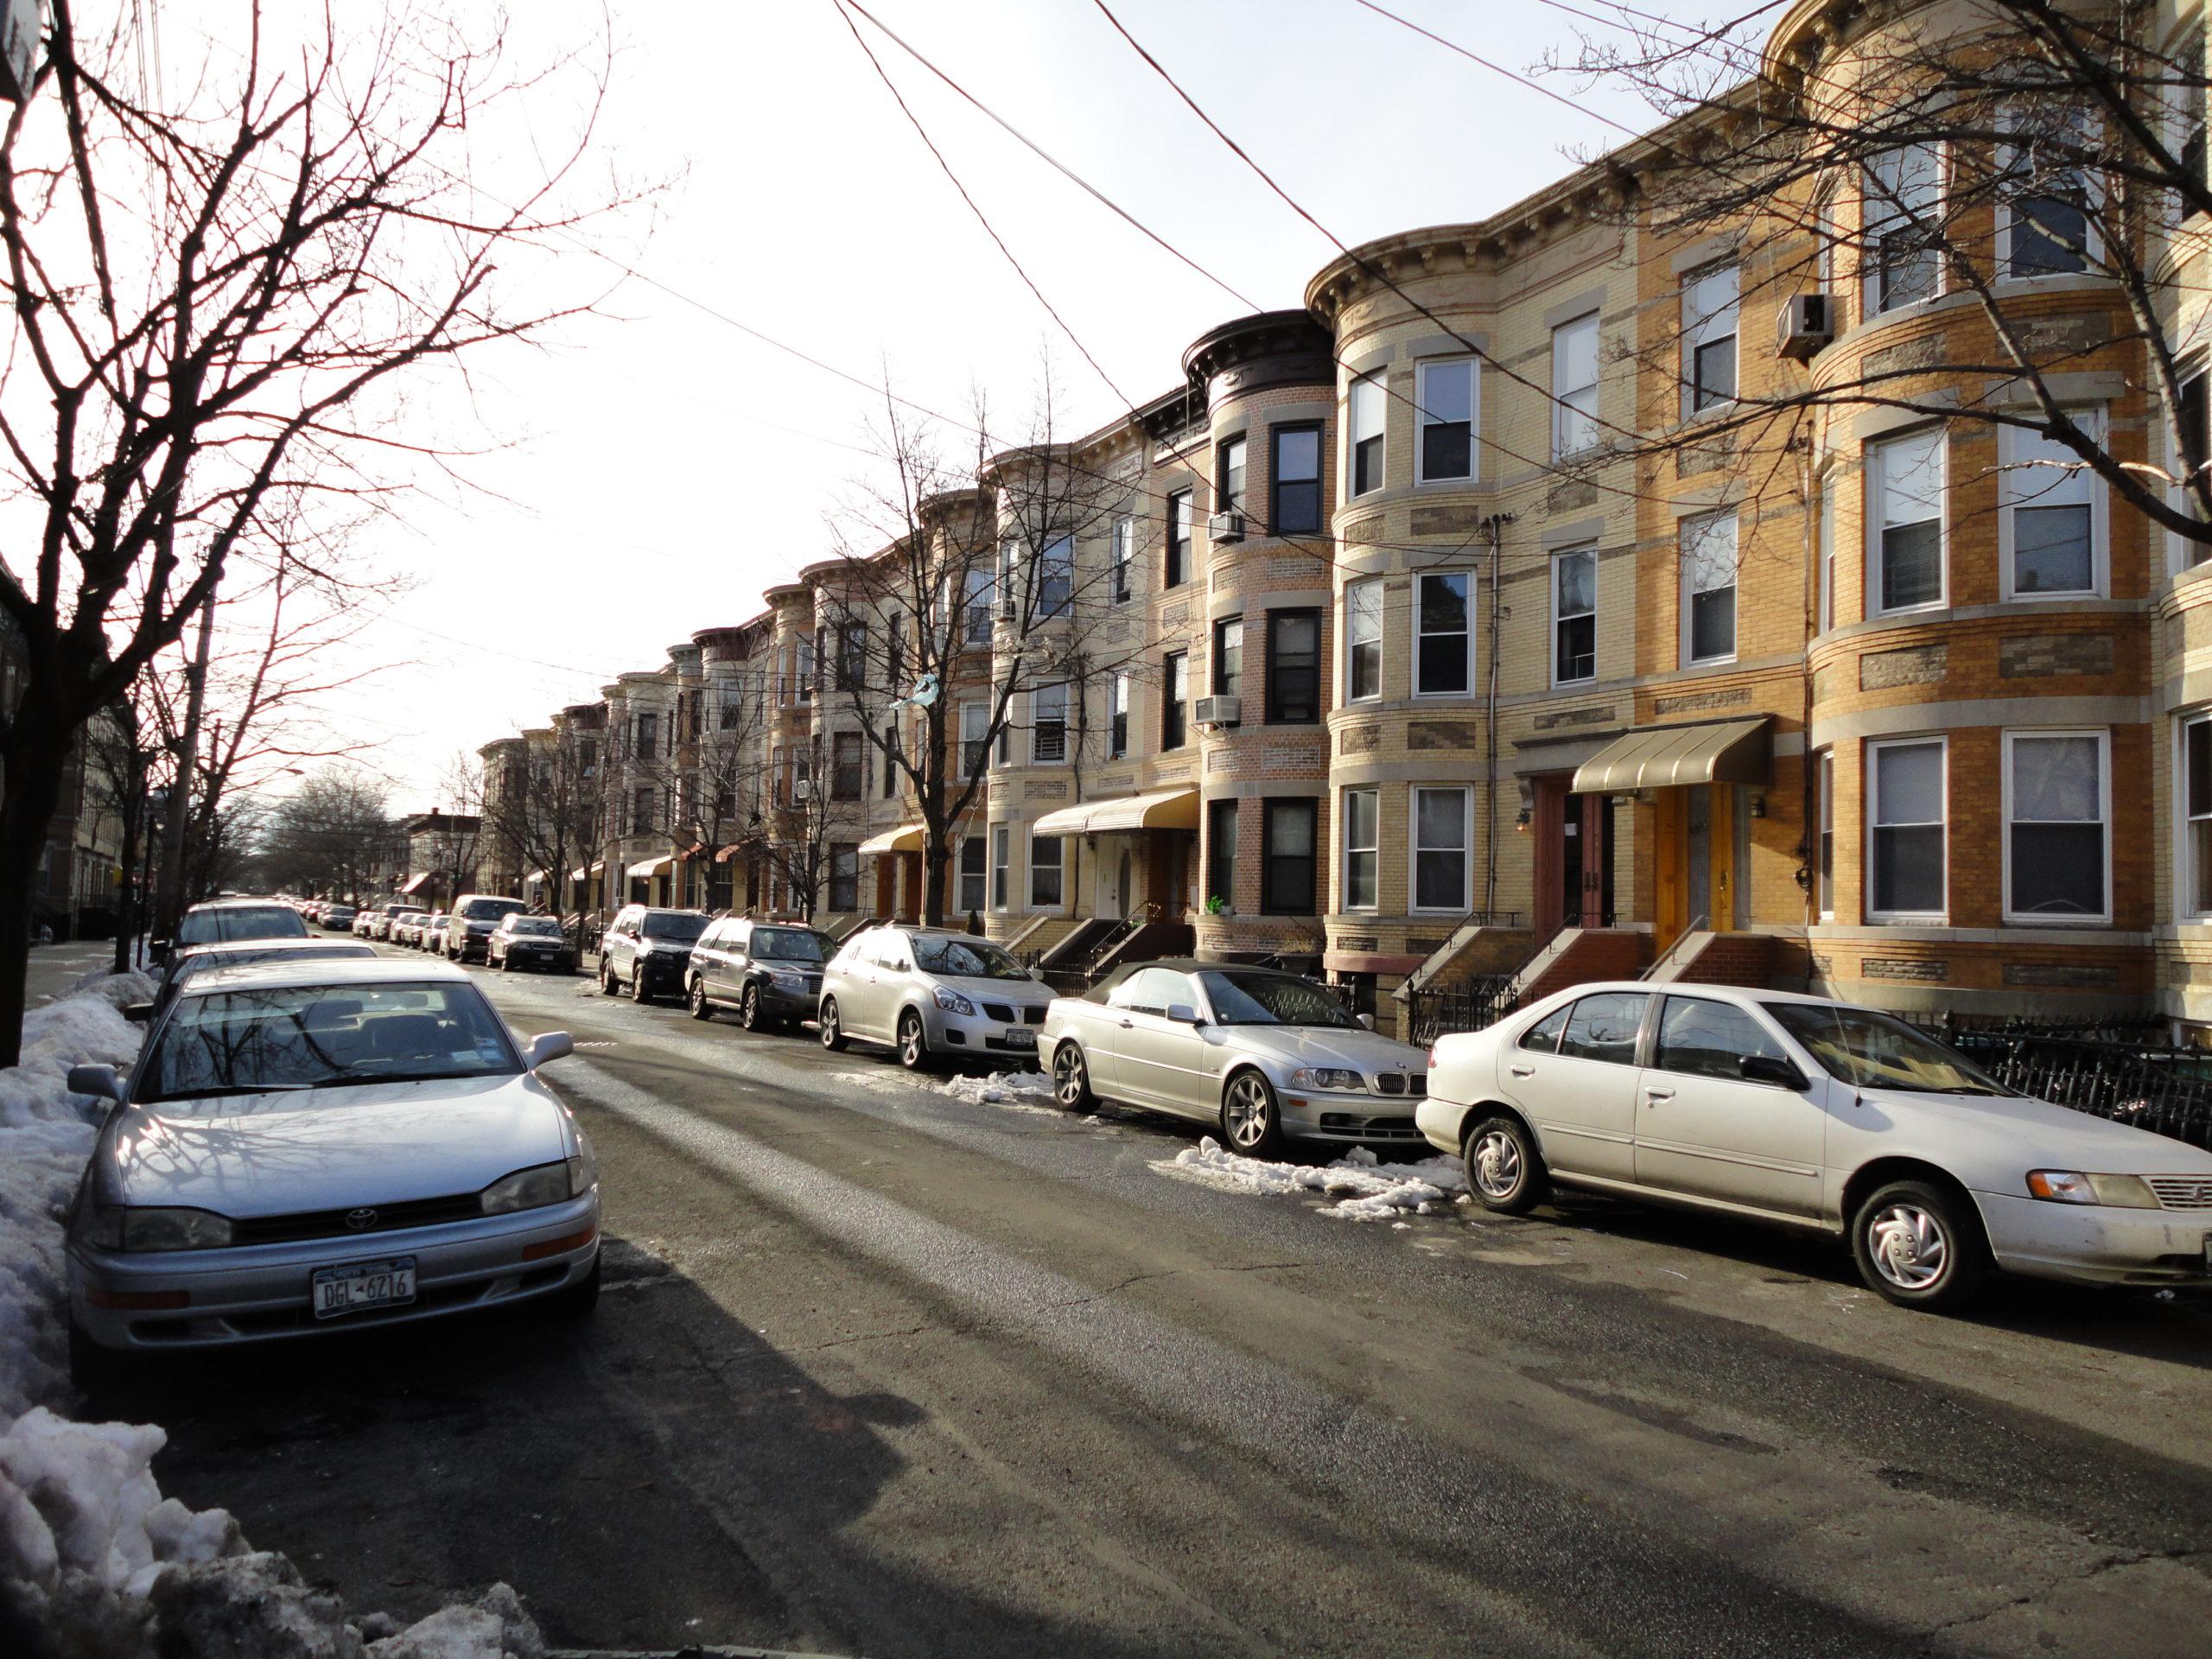 bairros-mais-baratos-para-morar-em-nova-york-ridgewood